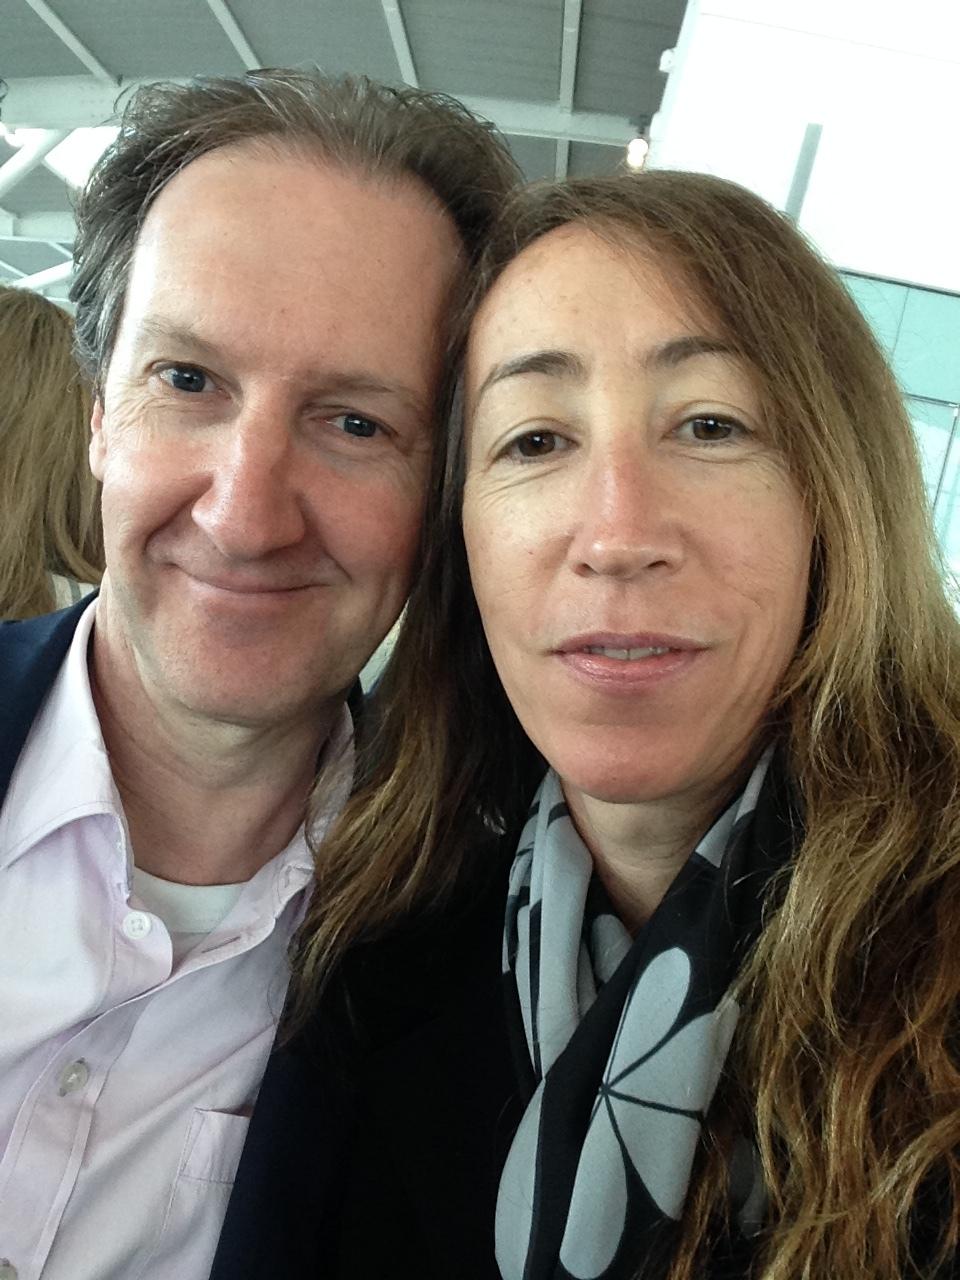 ^ Bleary eyed at Heathrow